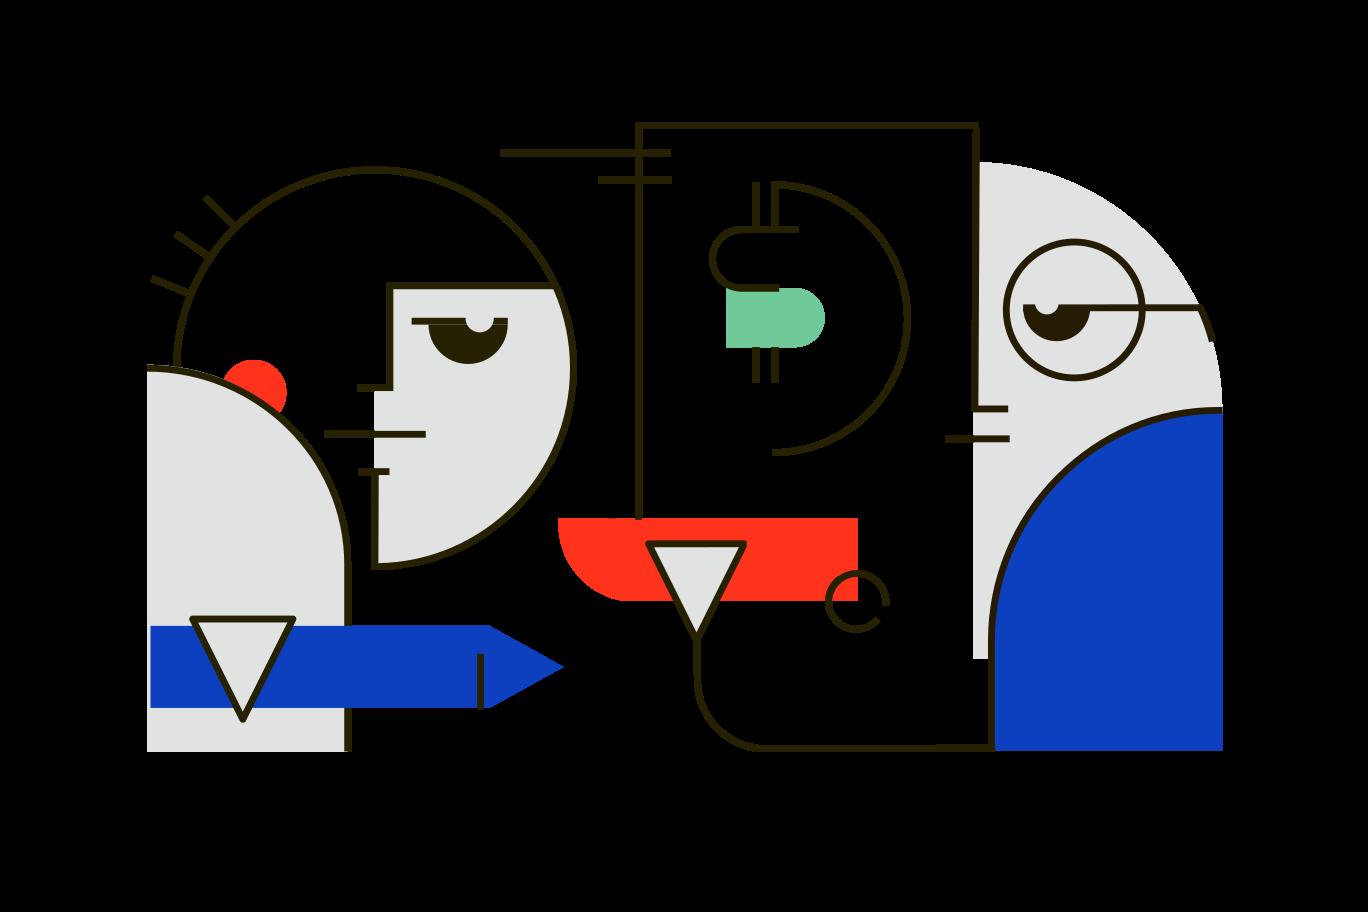 Imágenes de Acuerdo bancario estilo  en PNG y SVG | Ilustraciones Icons8